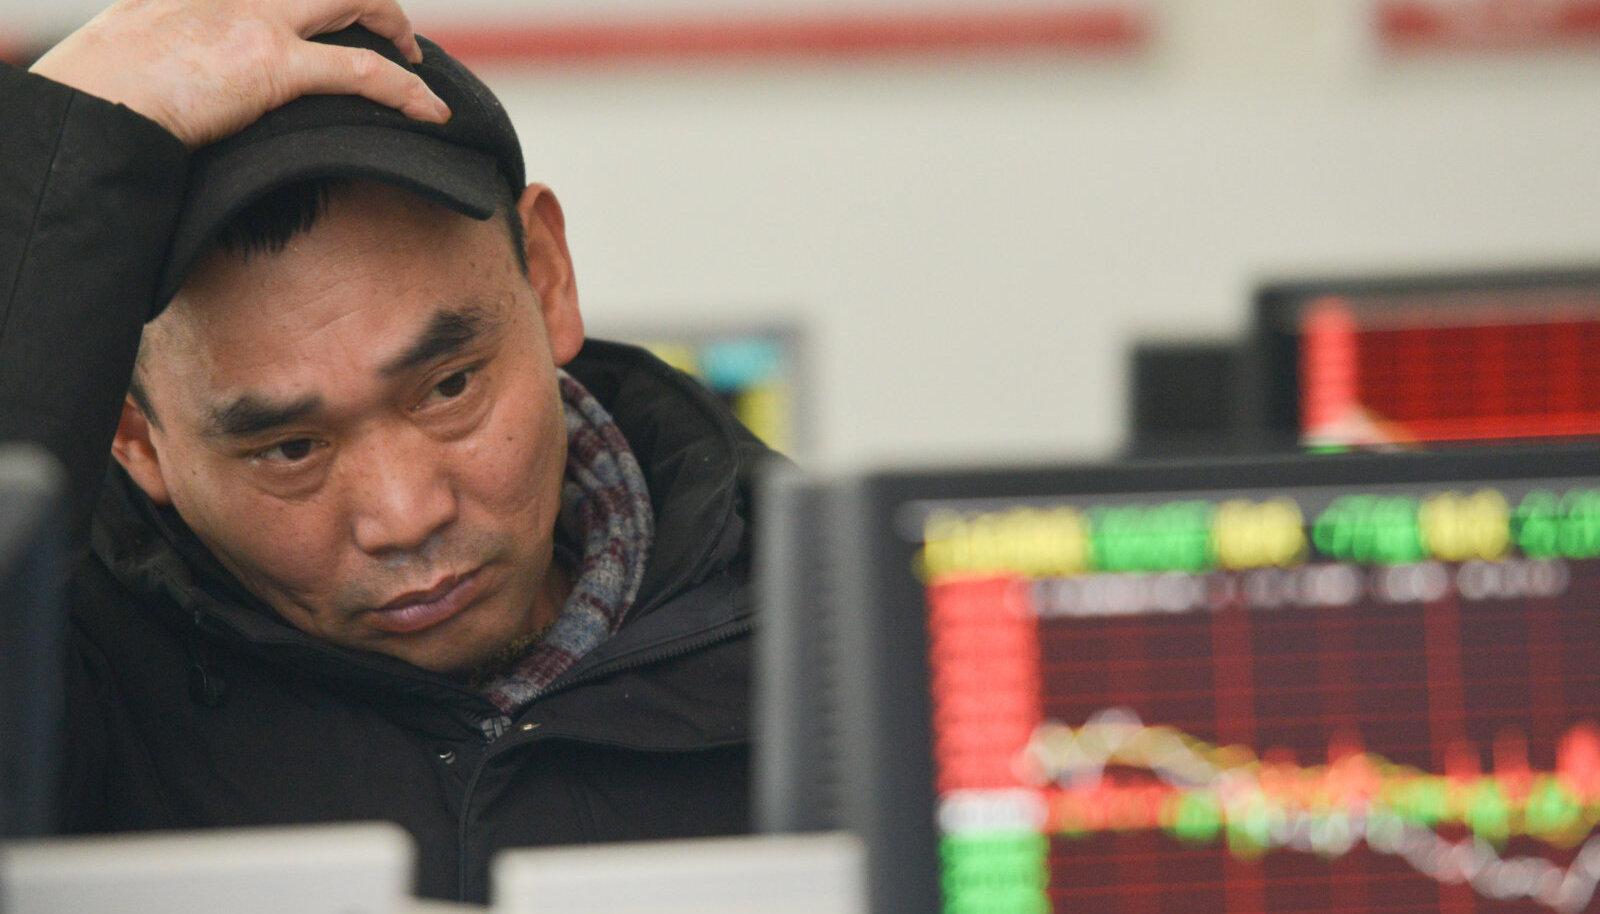 Koroonast tingitud piirangud panevad investoreid mõtlema